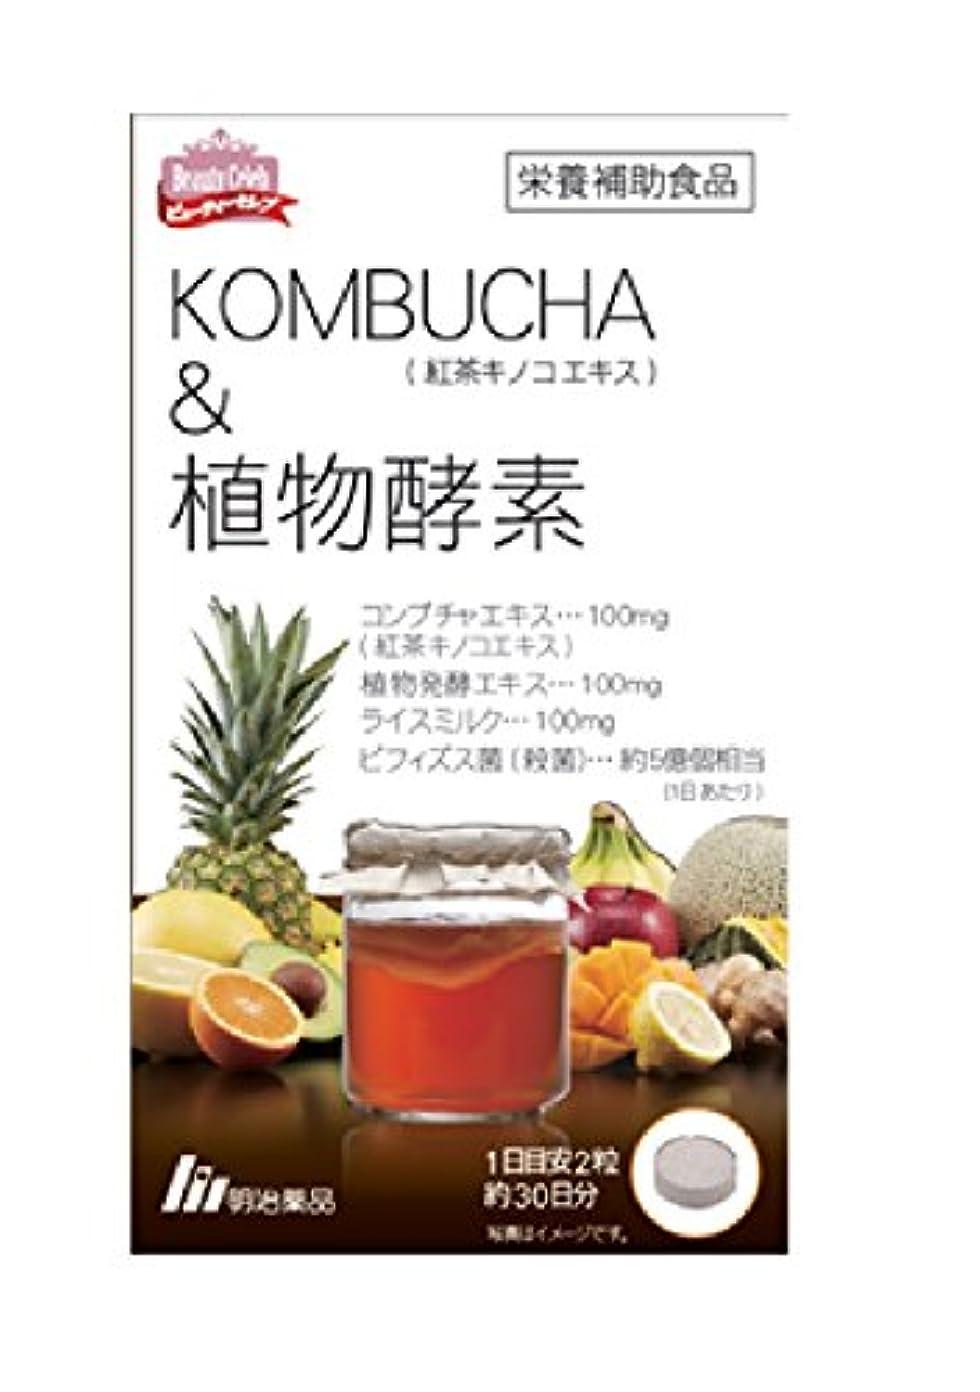 ジョガー感情のライブ明治薬品 KOMBUCHA&植物酵素 60粒